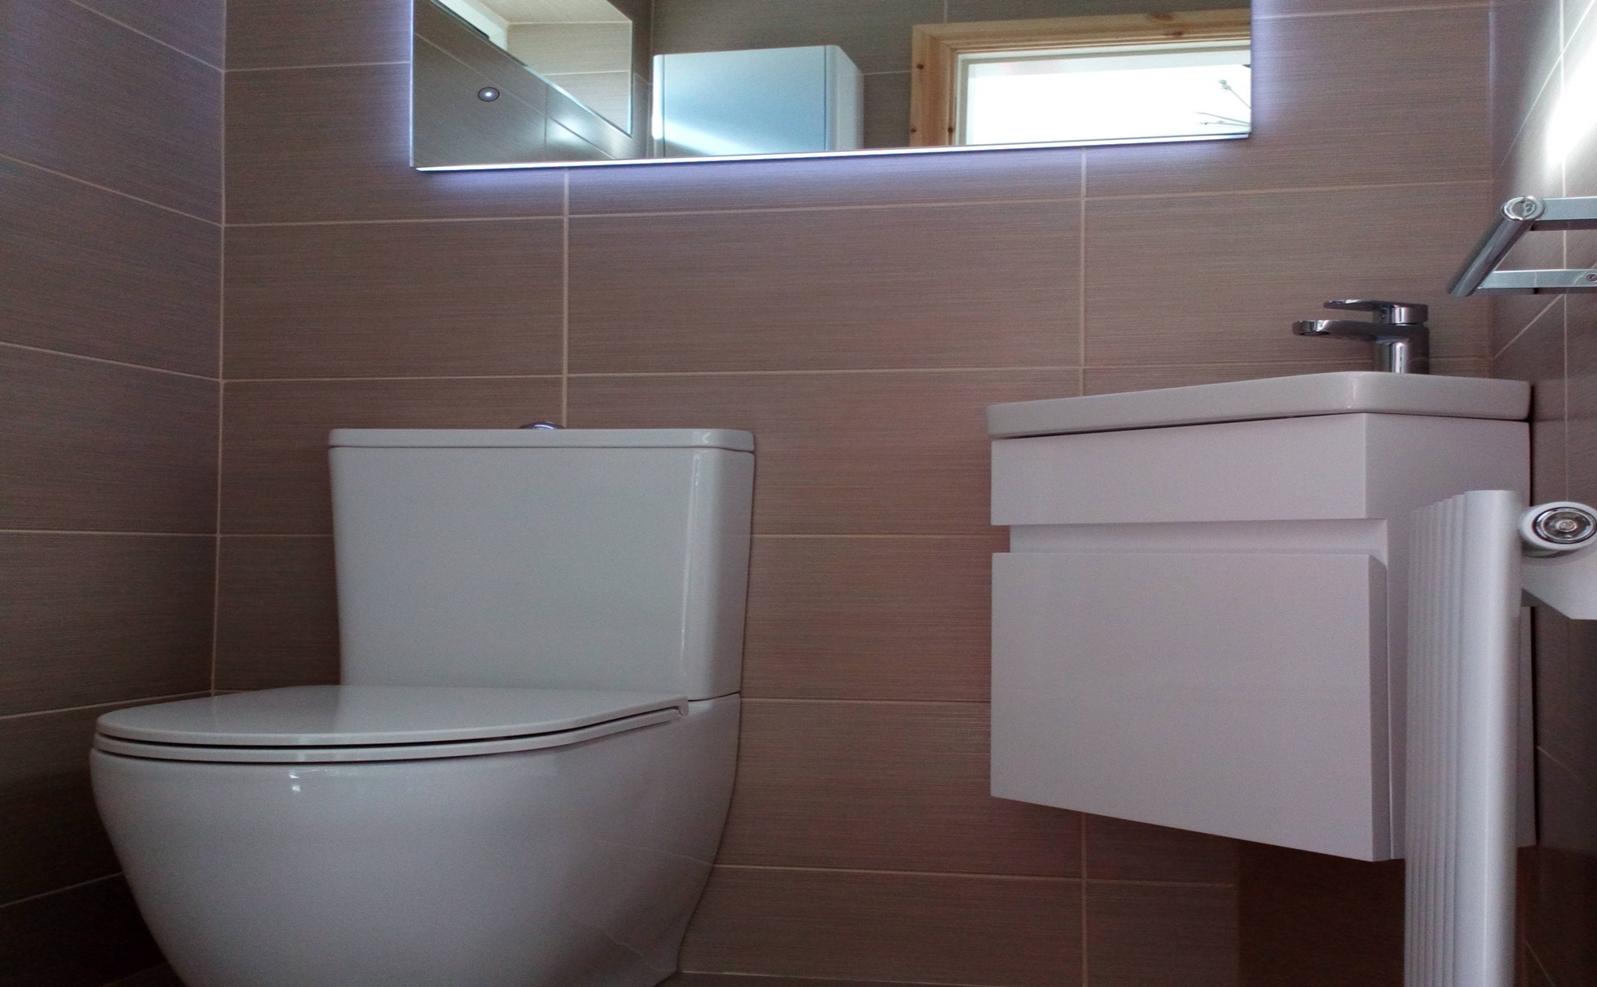 Bentley Bathrooms Project